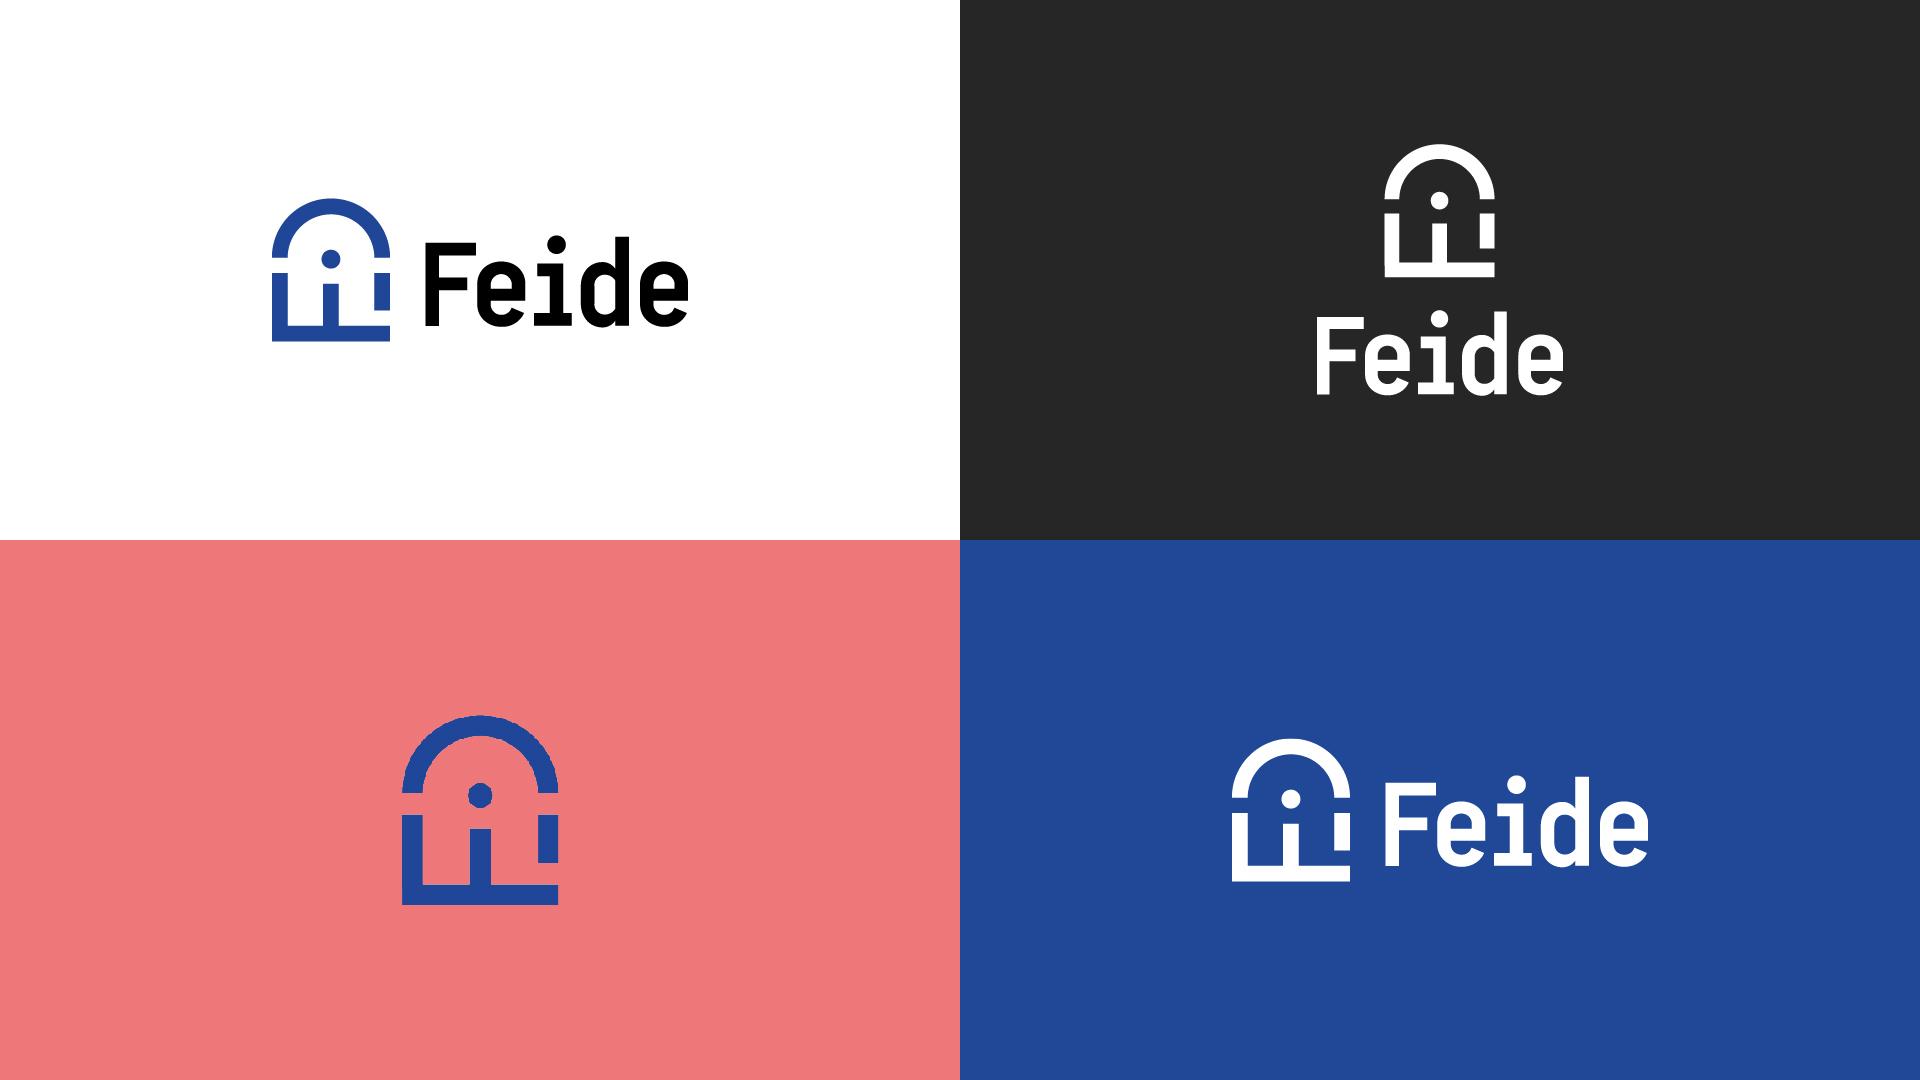 Graphics/branding for Feide – logo variants